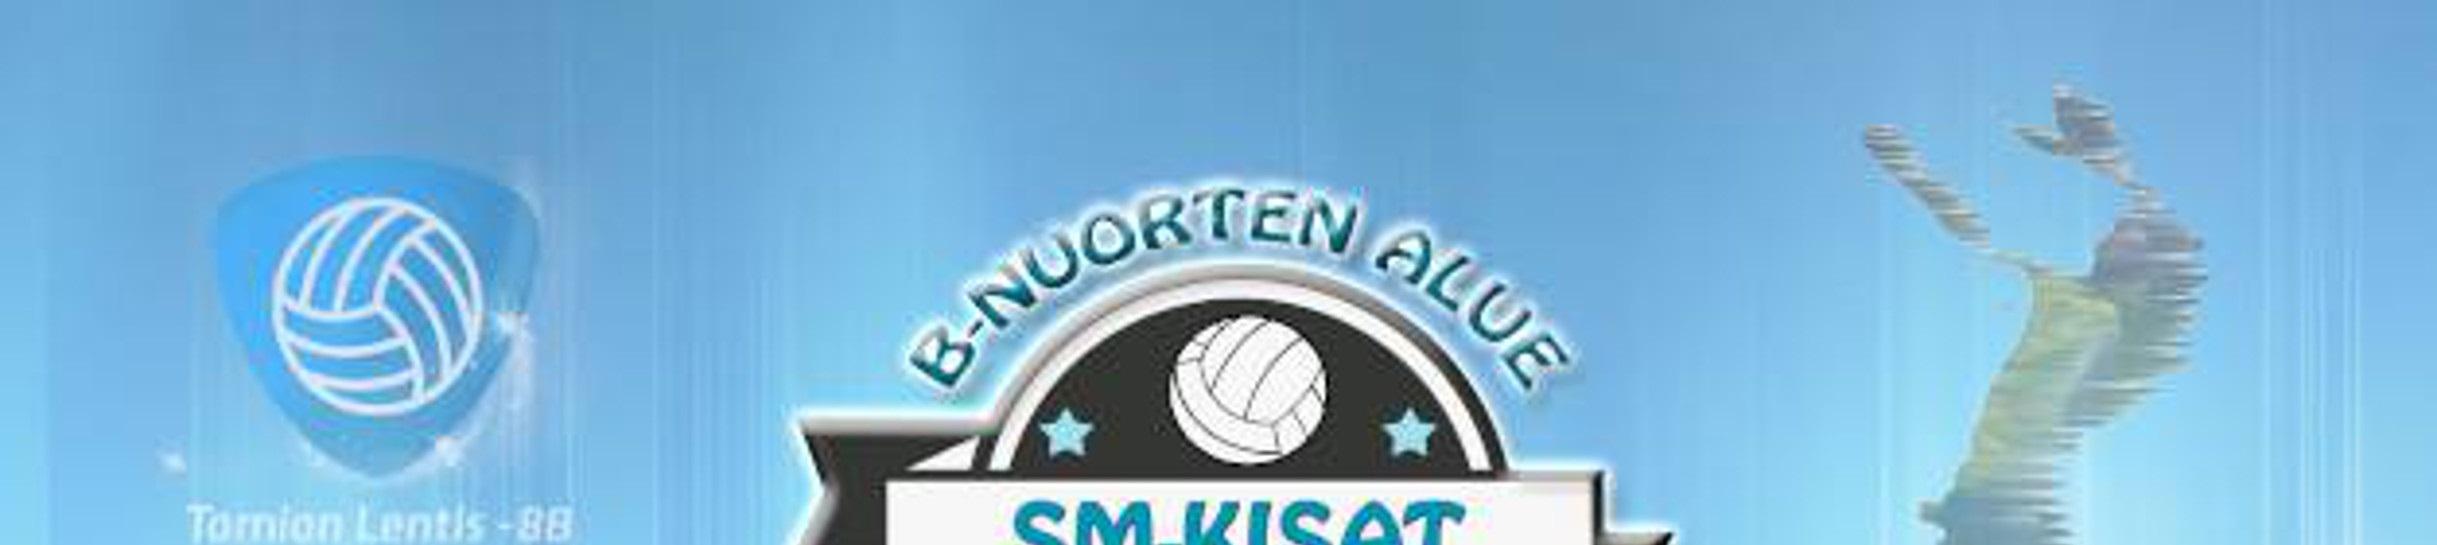 B-nuorten alue SM -kisat 2014